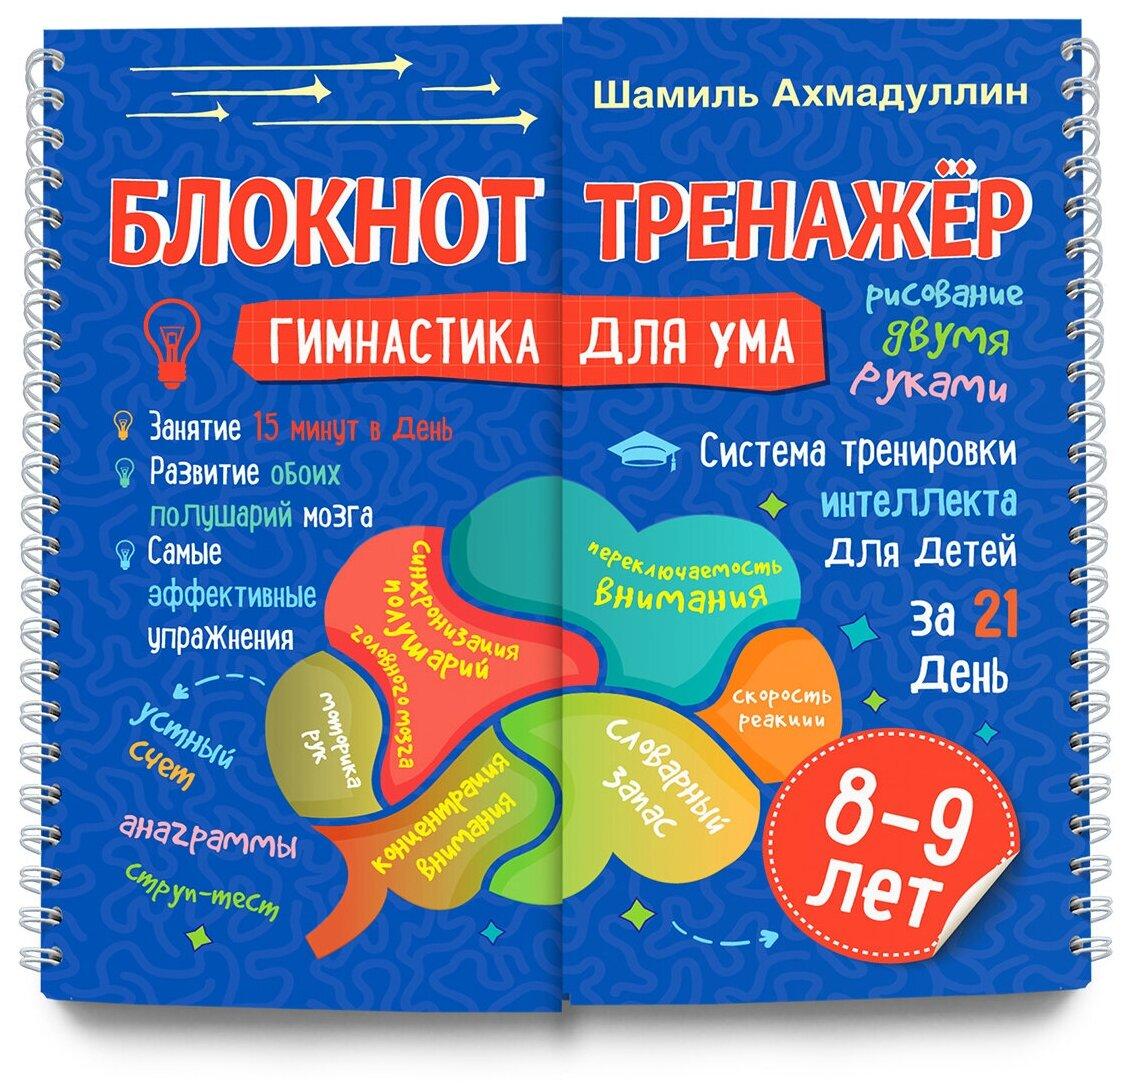 """Ахмадуллин Ш.Т. """"Блокнот-тренажер. Гимнастика для ума. 8-9 лет"""" — Книги с играми для детей — купить по выгодной цене на Яндекс.Маркете"""